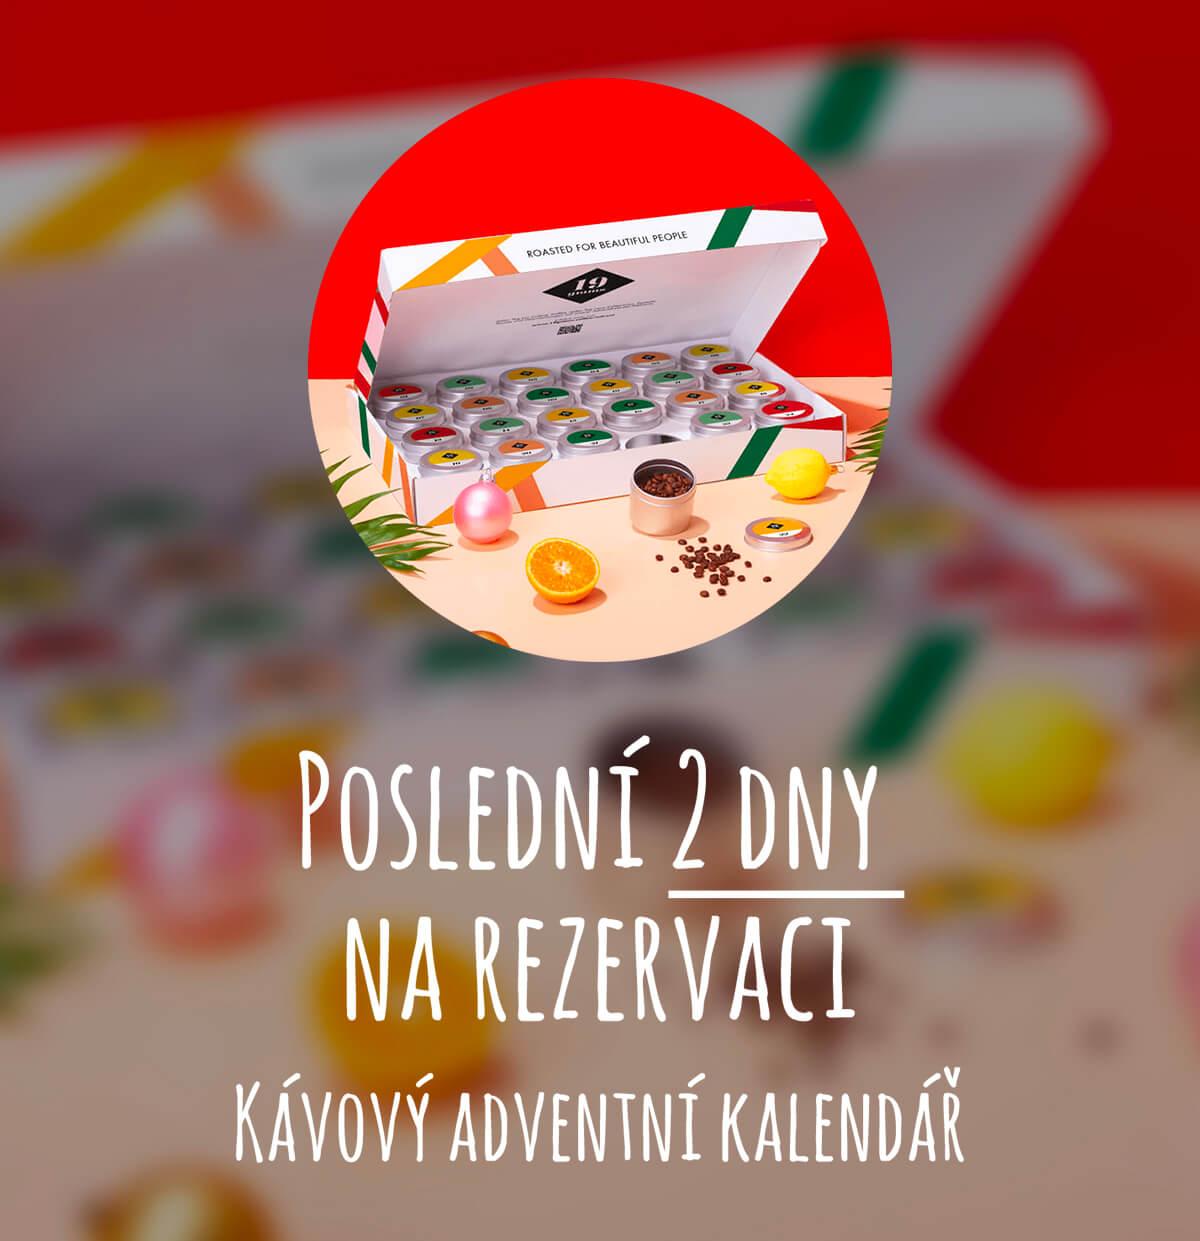 Kávový adventní kalendář